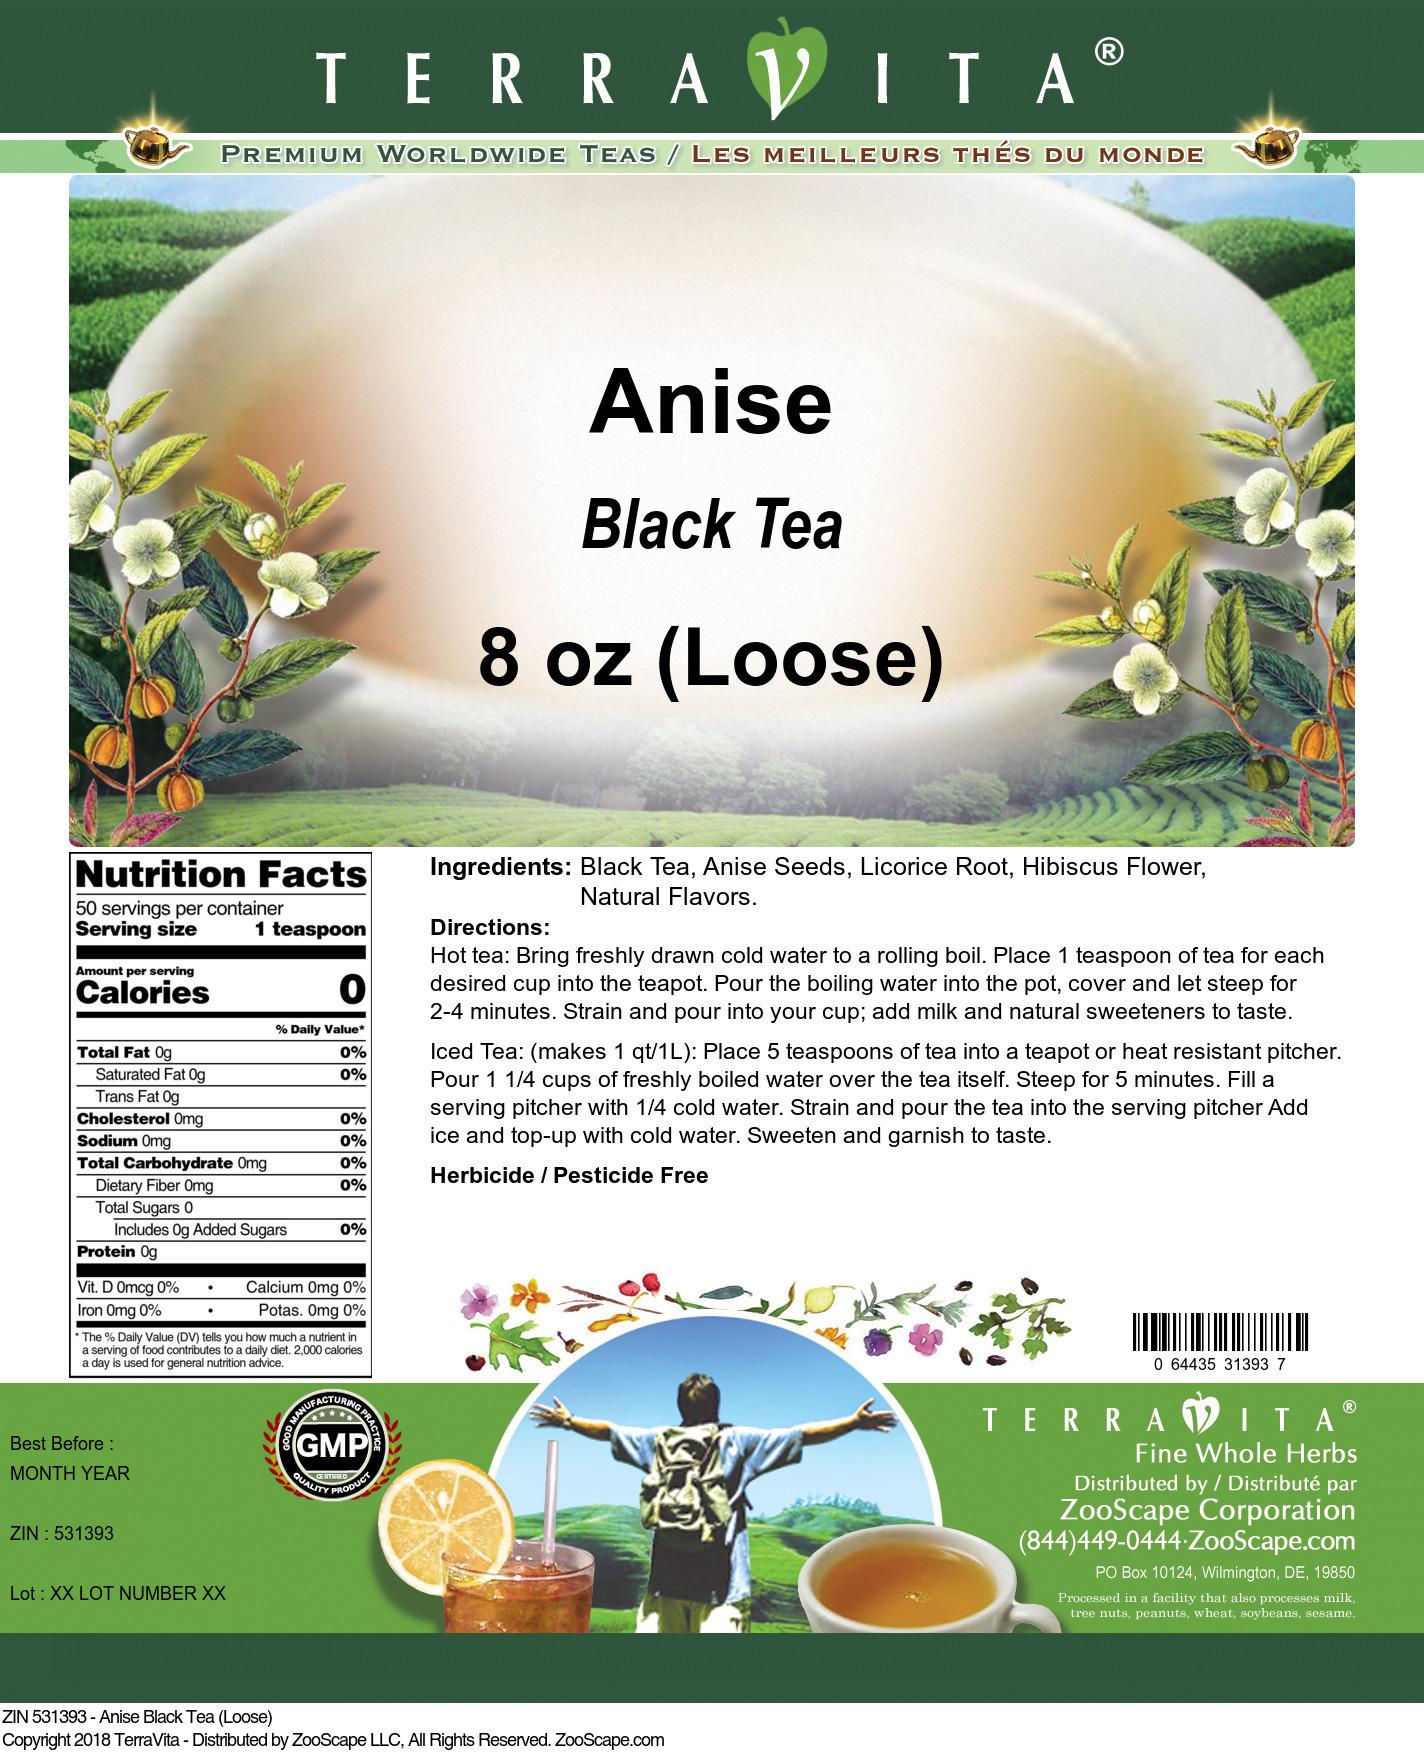 Anise Black Tea